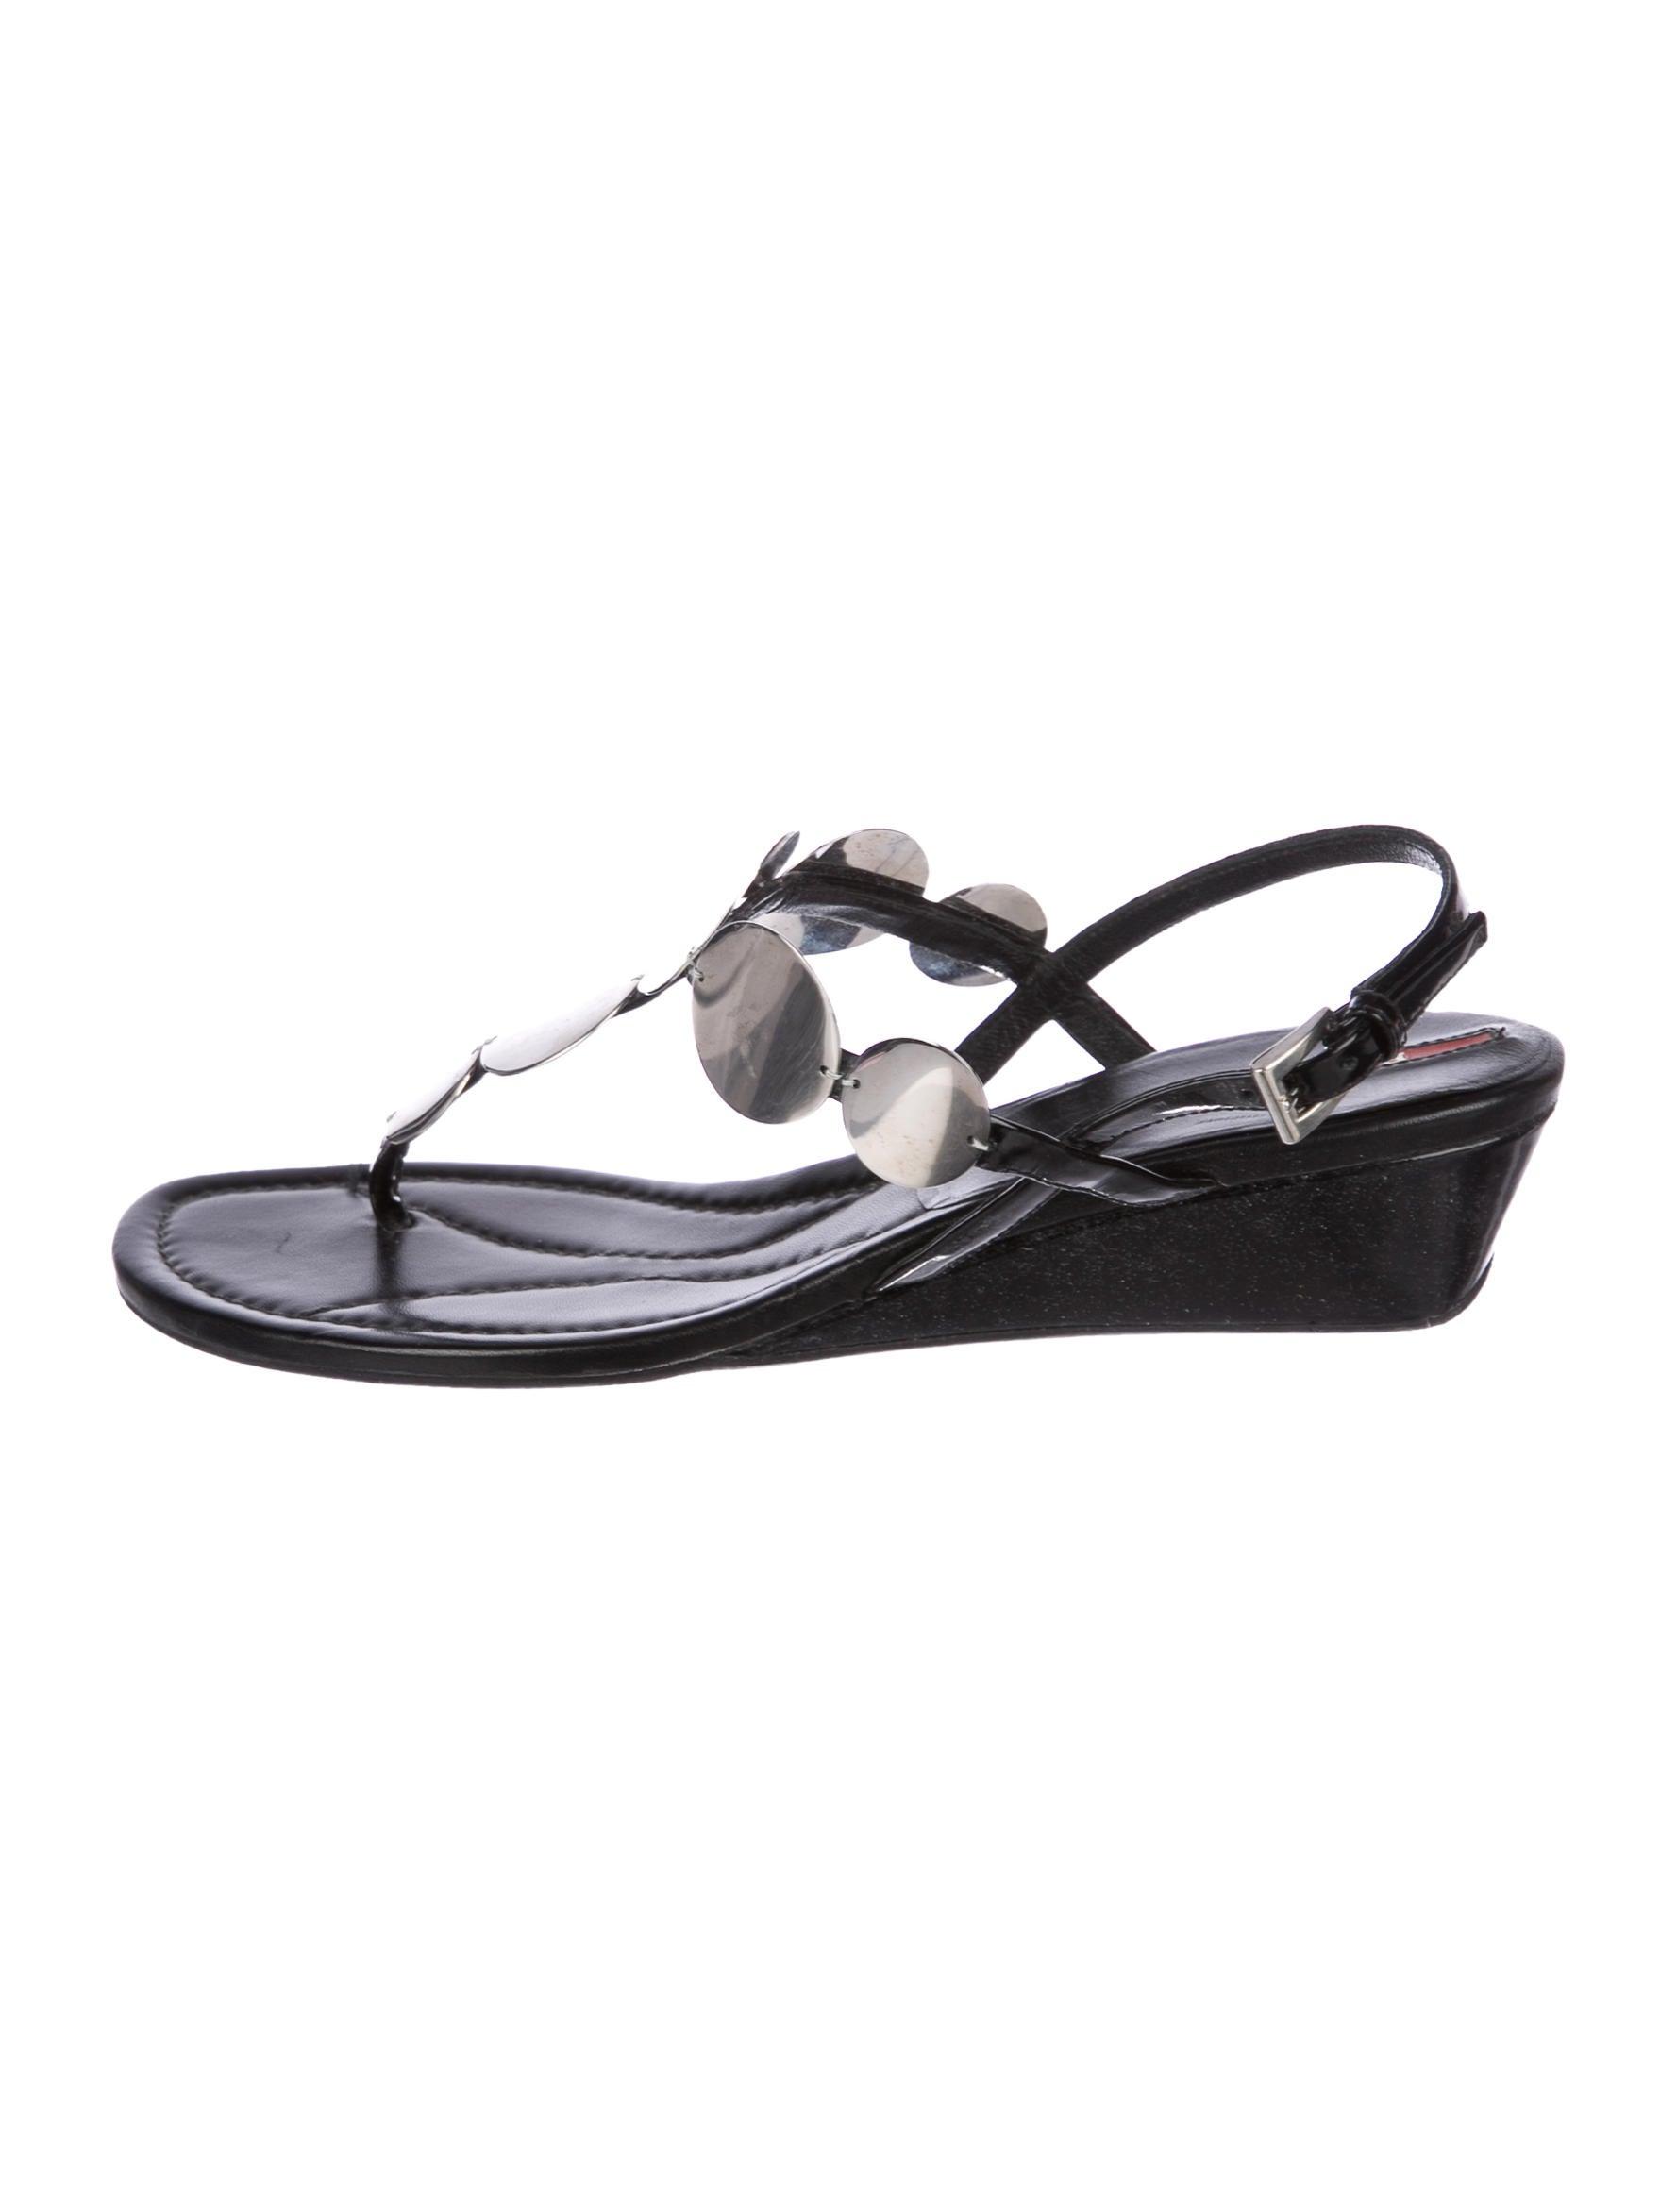 Prada Sport Embellished Thong Sandals outlet discounts outlet 2015 new B4dDgqOKf